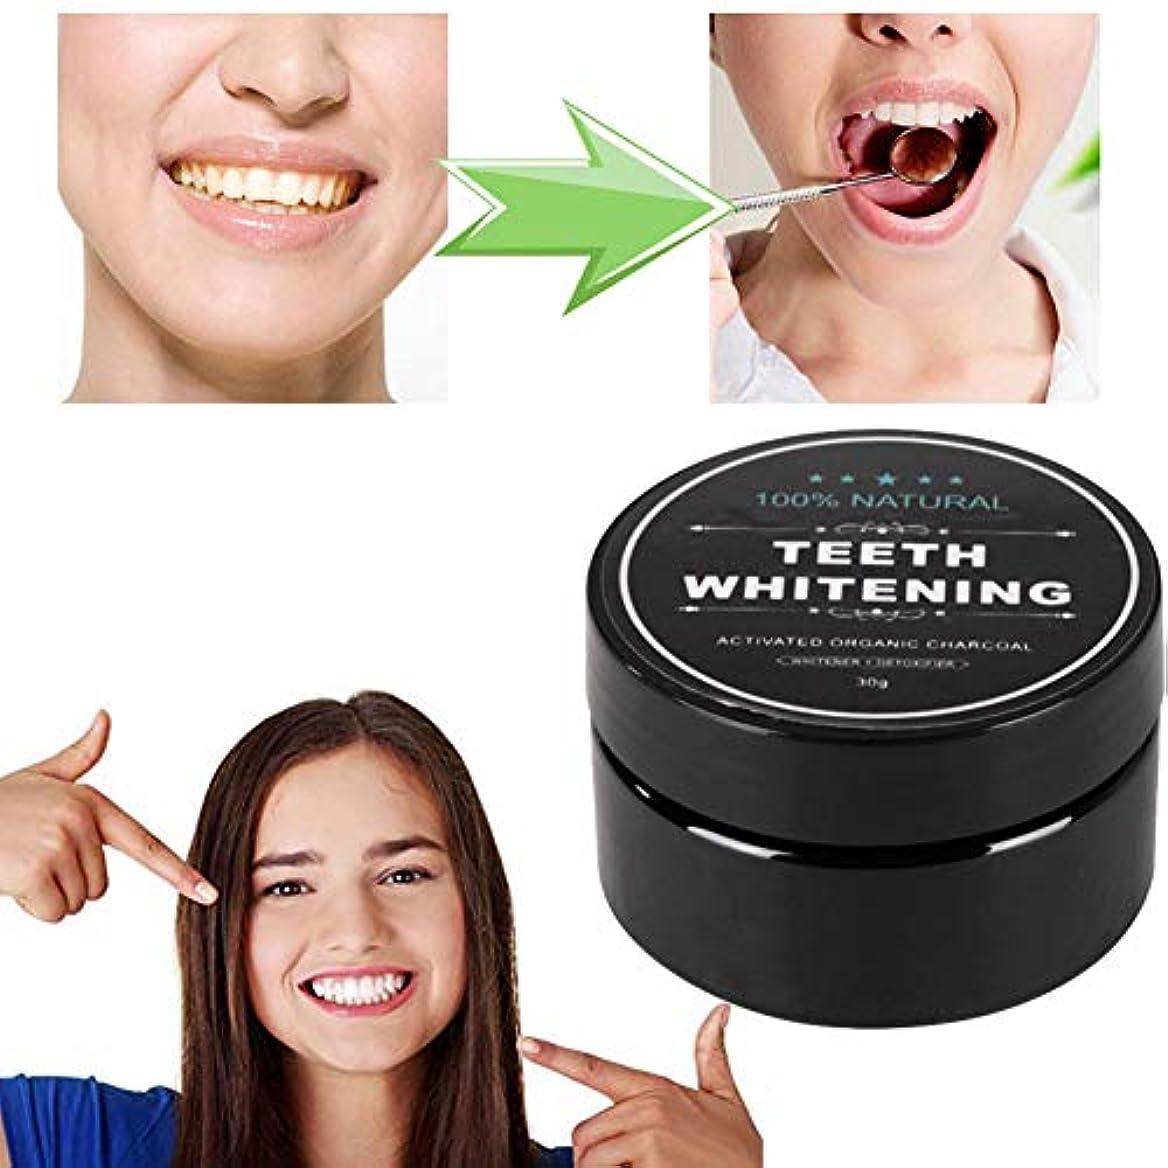 達成可能パンパントリーFrifer歯を白くする 活性炭ホワイトニング コーヒー•タバコ•ワインによる黄ばみを取り除く